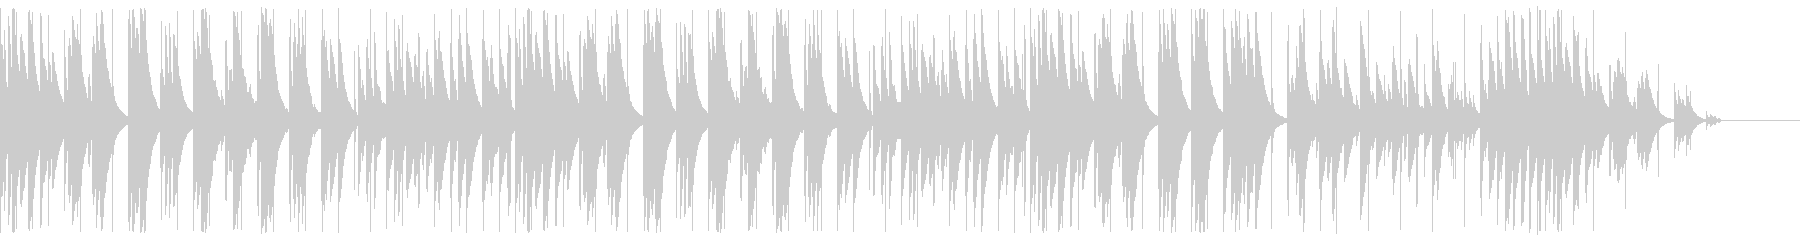 キラキラで神秘的なグロッケンのBGMの未再生の波形